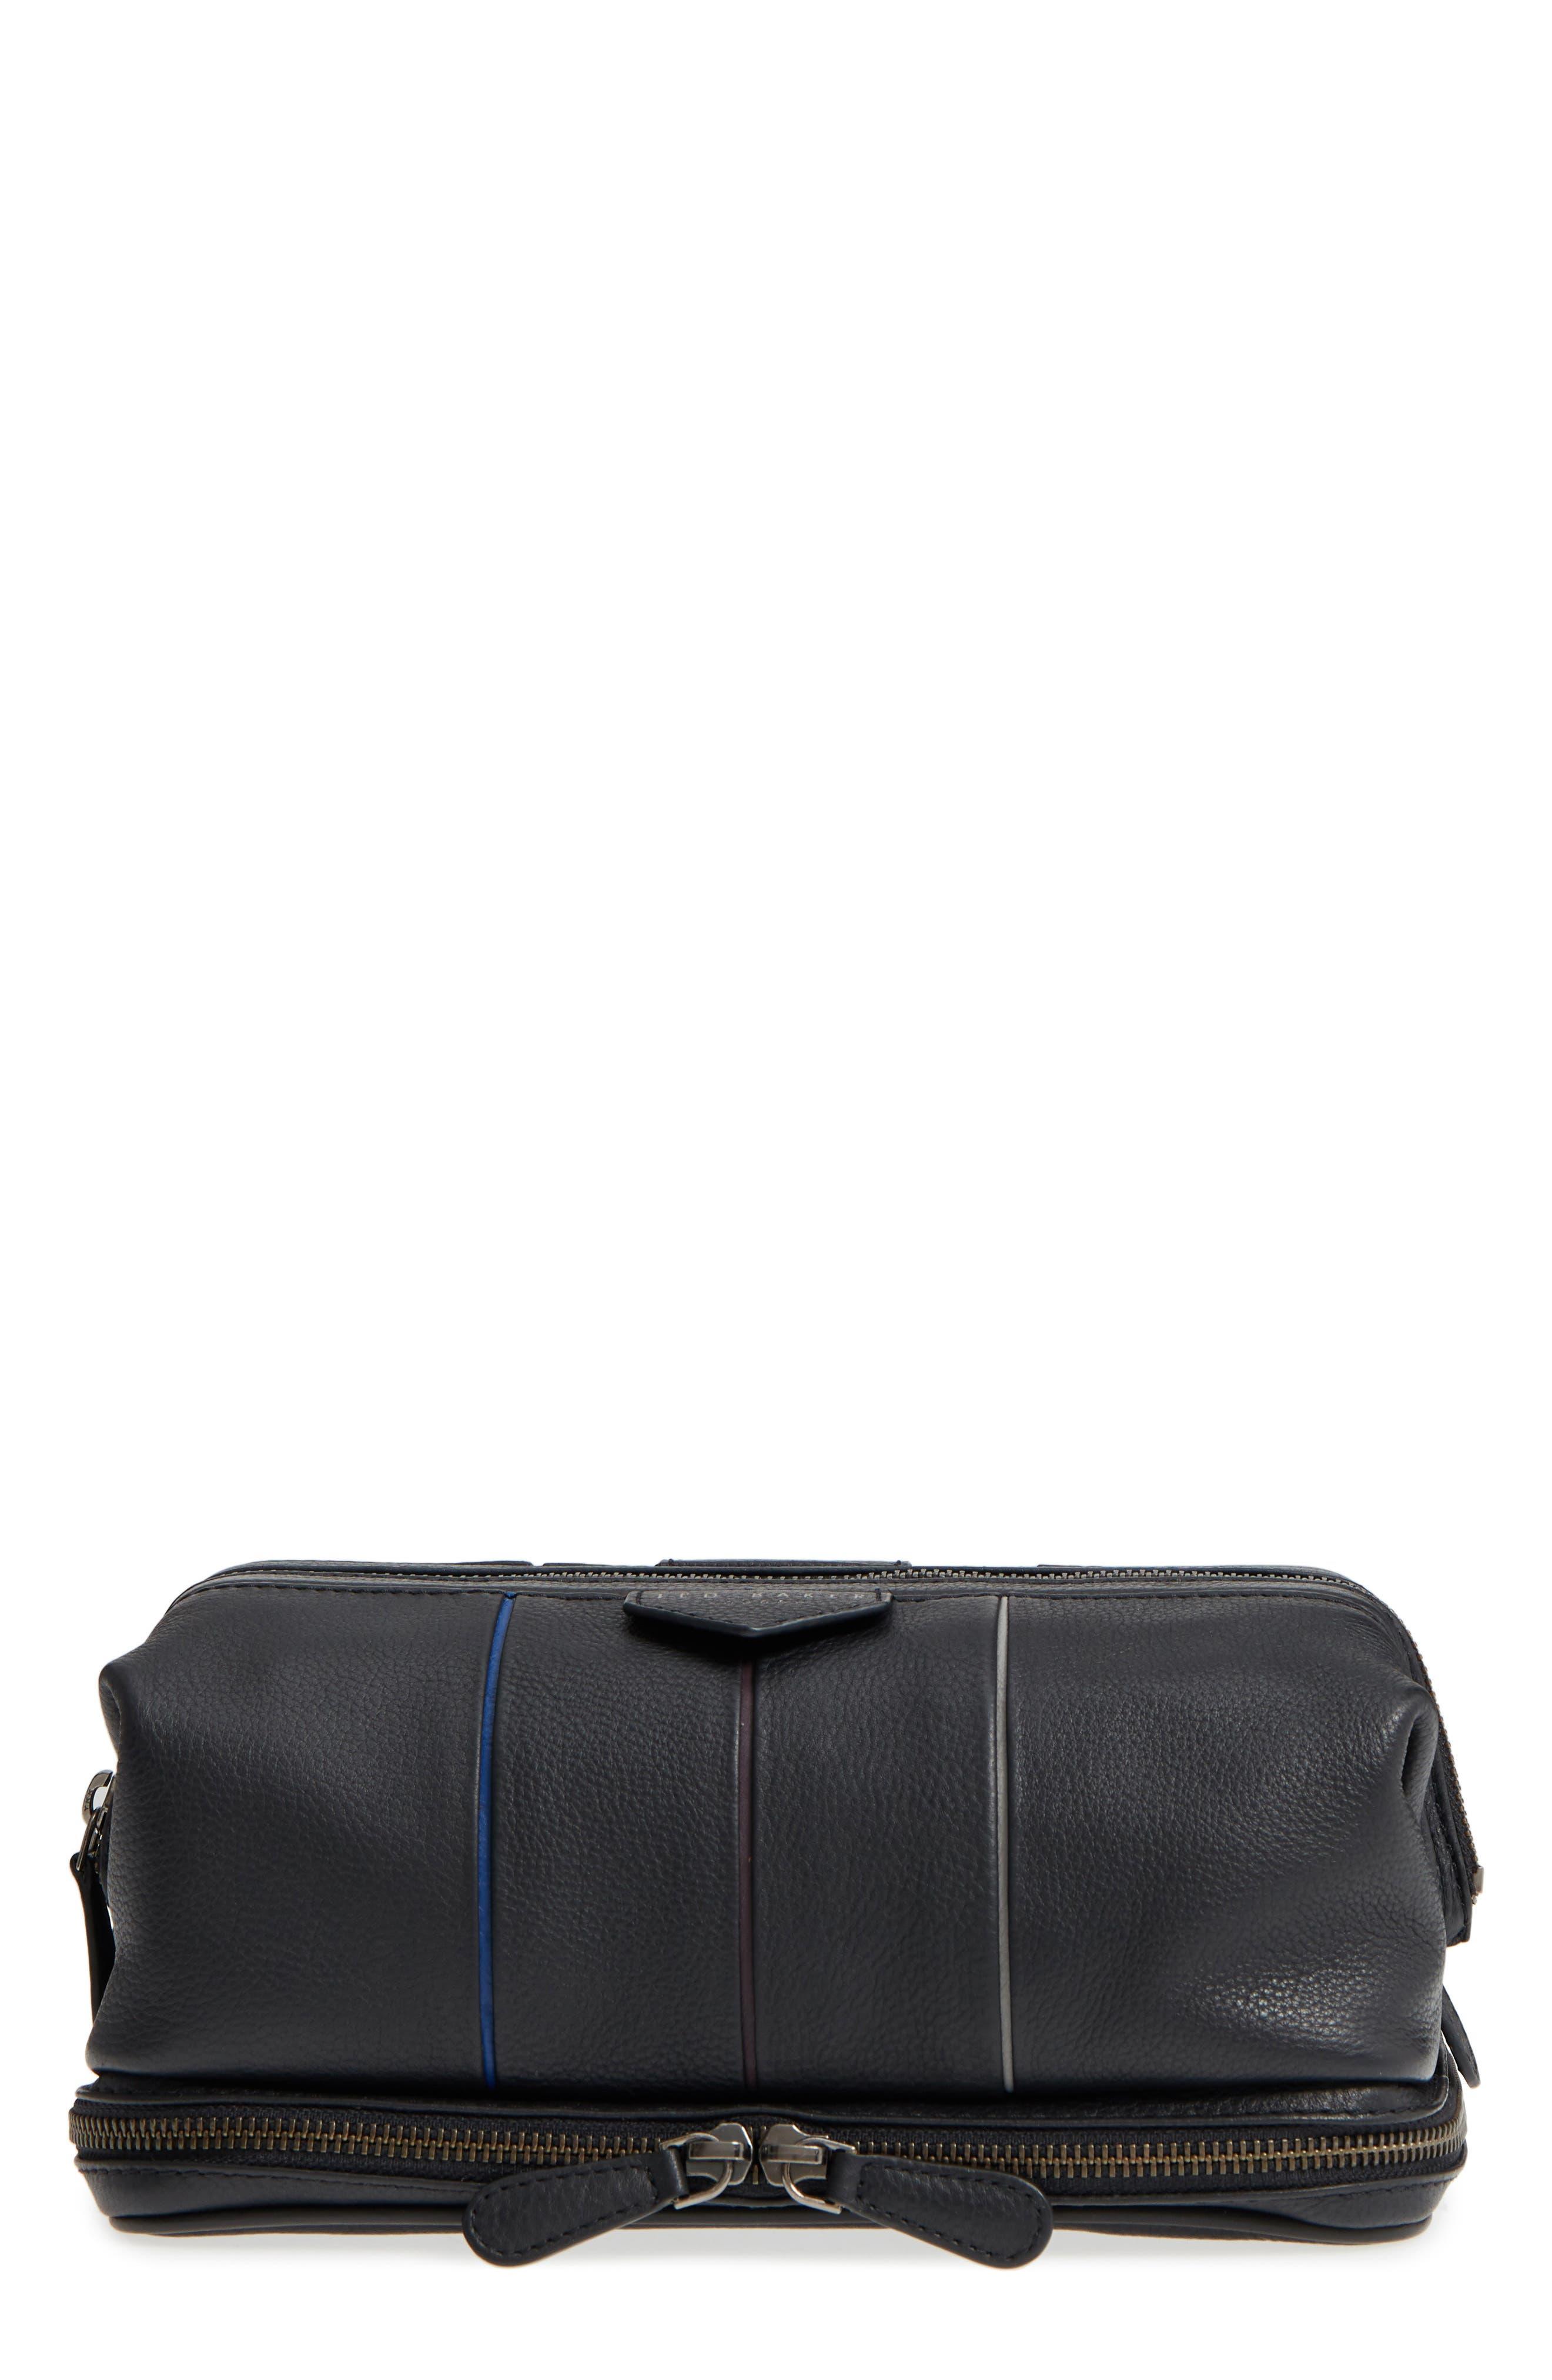 Teekee Leather Dopp Kit,                         Main,                         color, Black